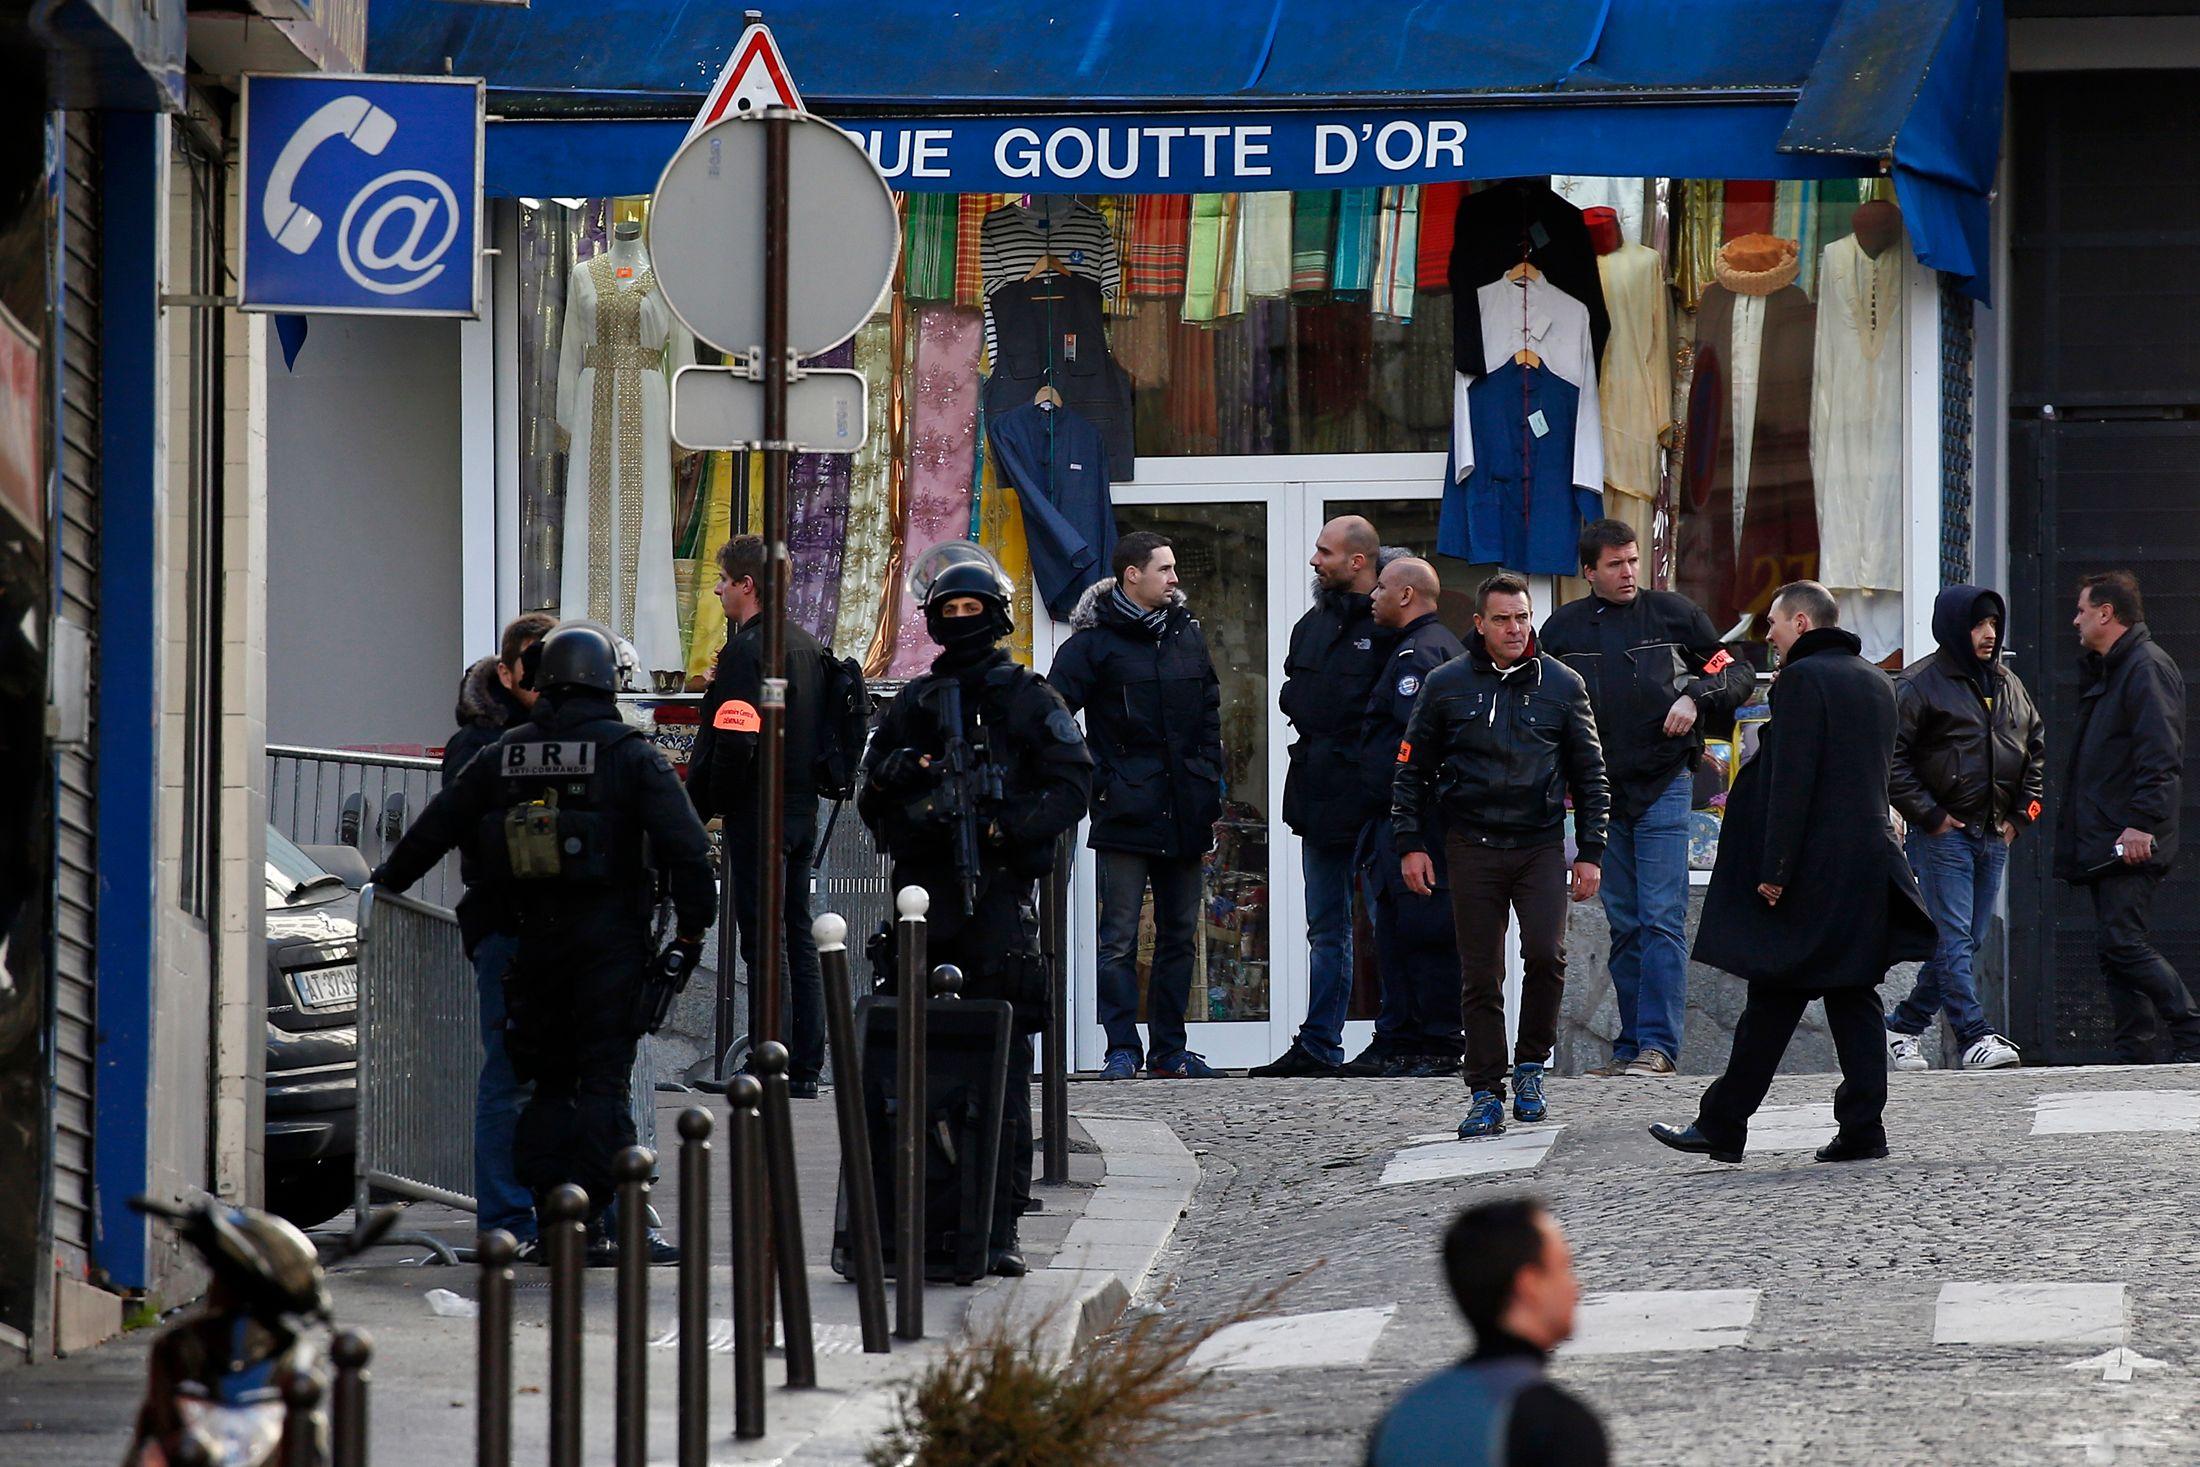 Le quartier où l'attaque s'est produite a été bouclé de longues heures par les forces de l'ordre.